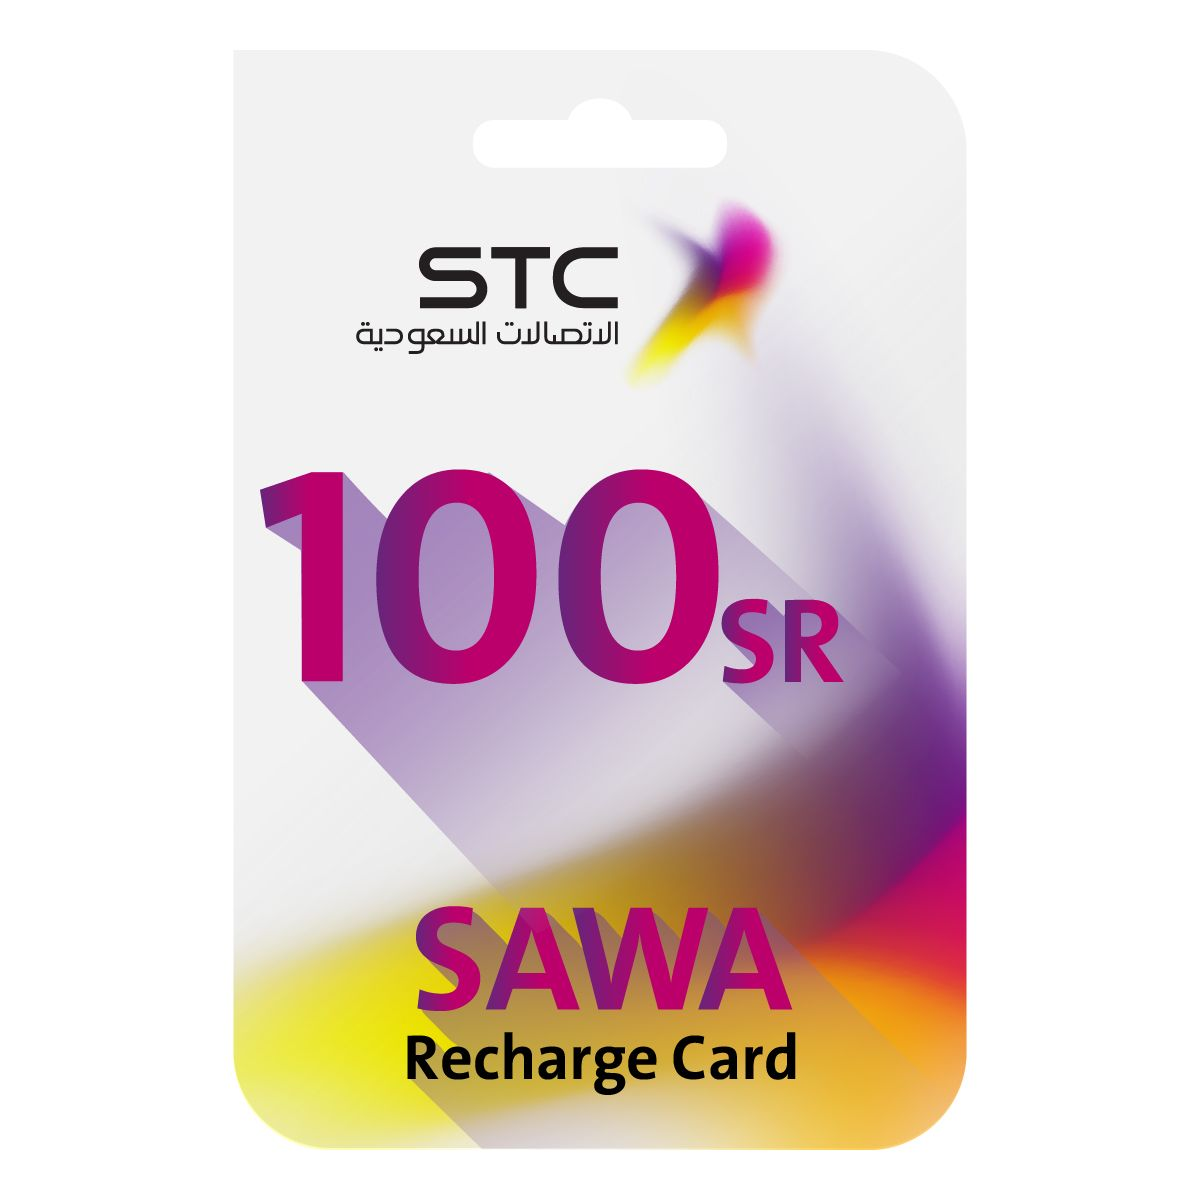 بطاقة شحن سوا 100 ريال Tech Logos Cards Tech Company Logos